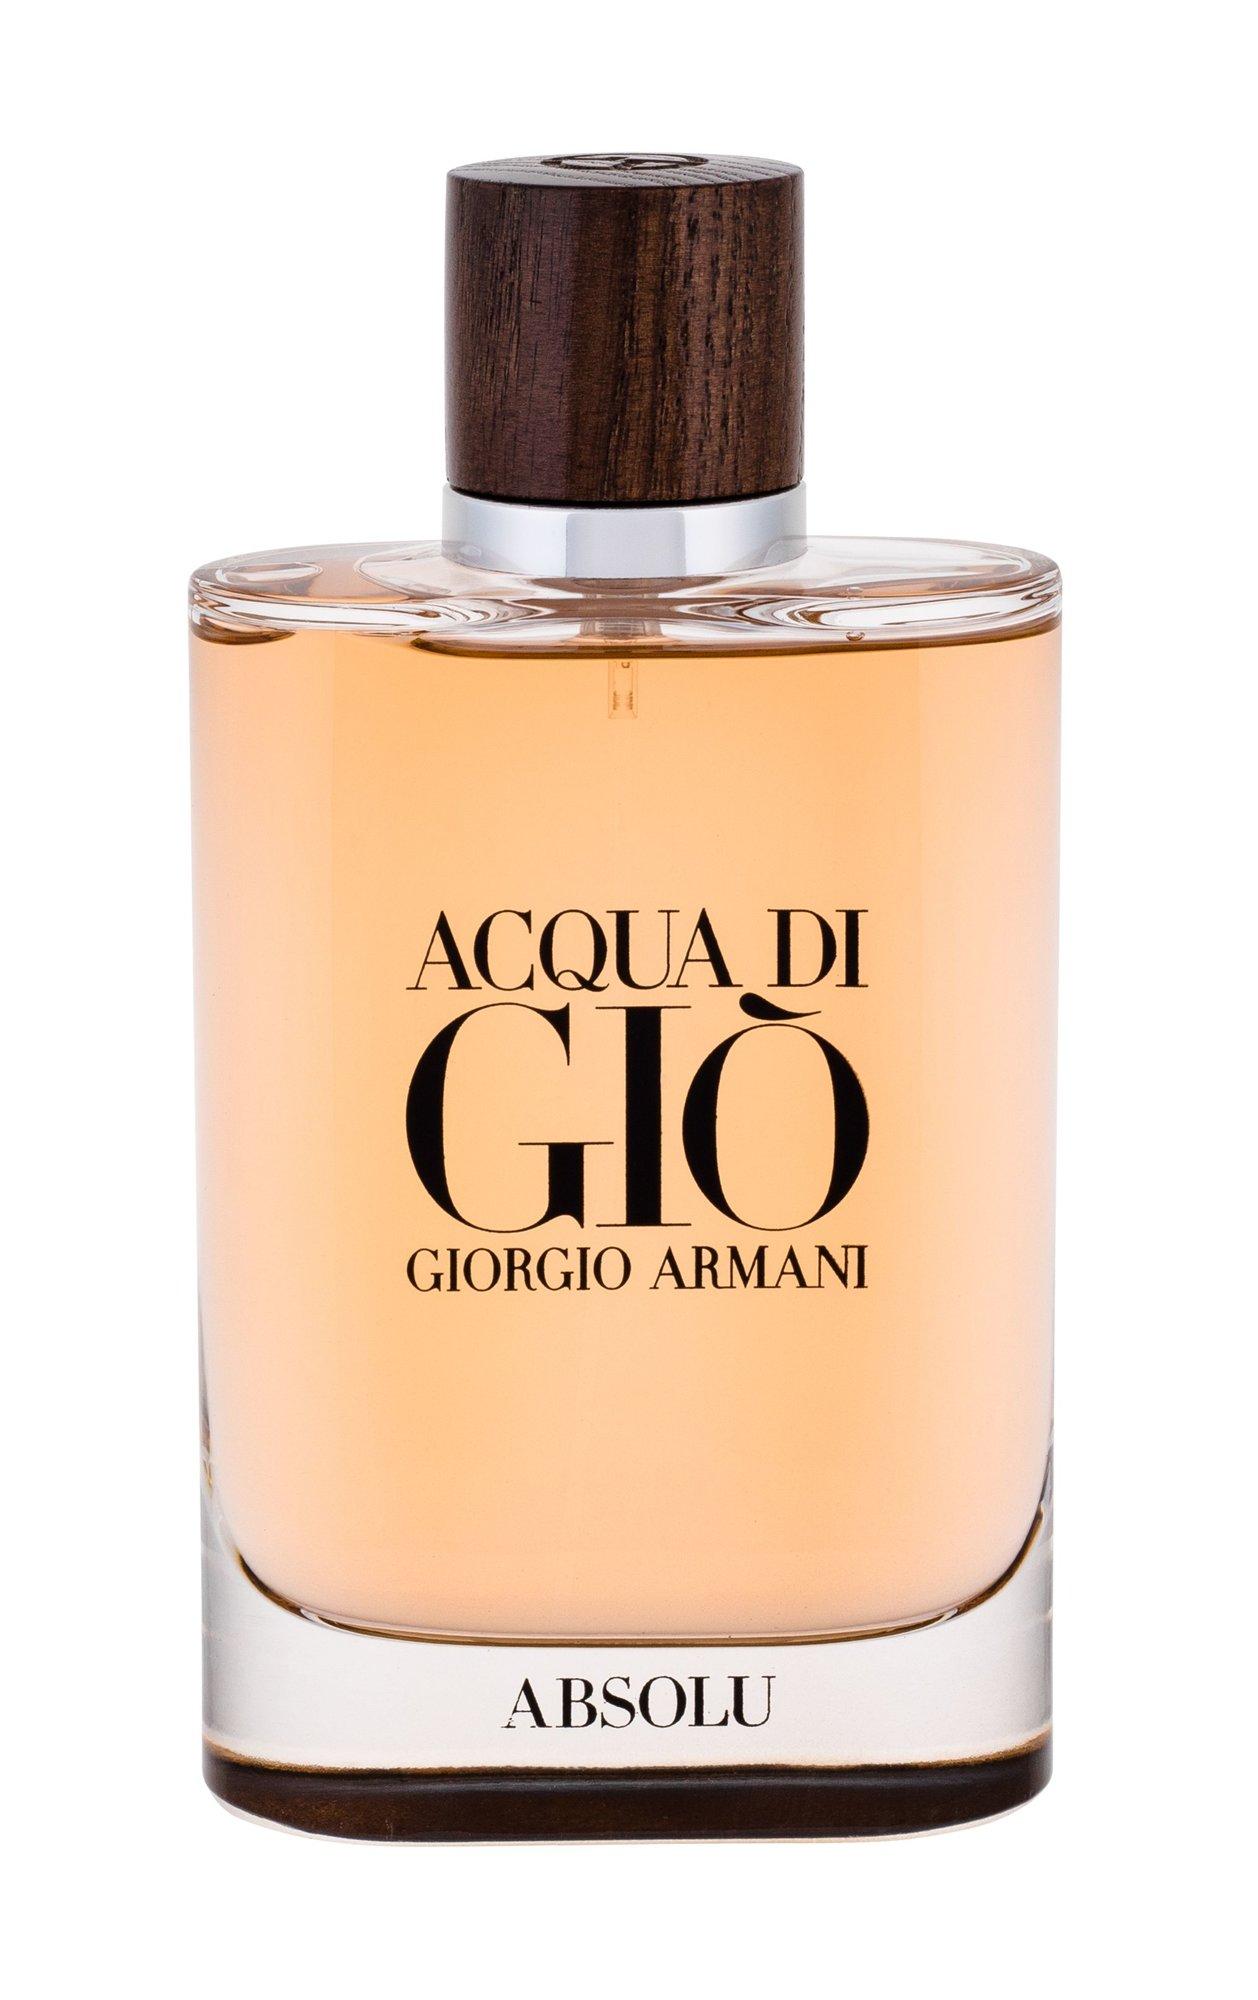 Giorgio Armani Acqua di Gio Eau de Parfum 125ml